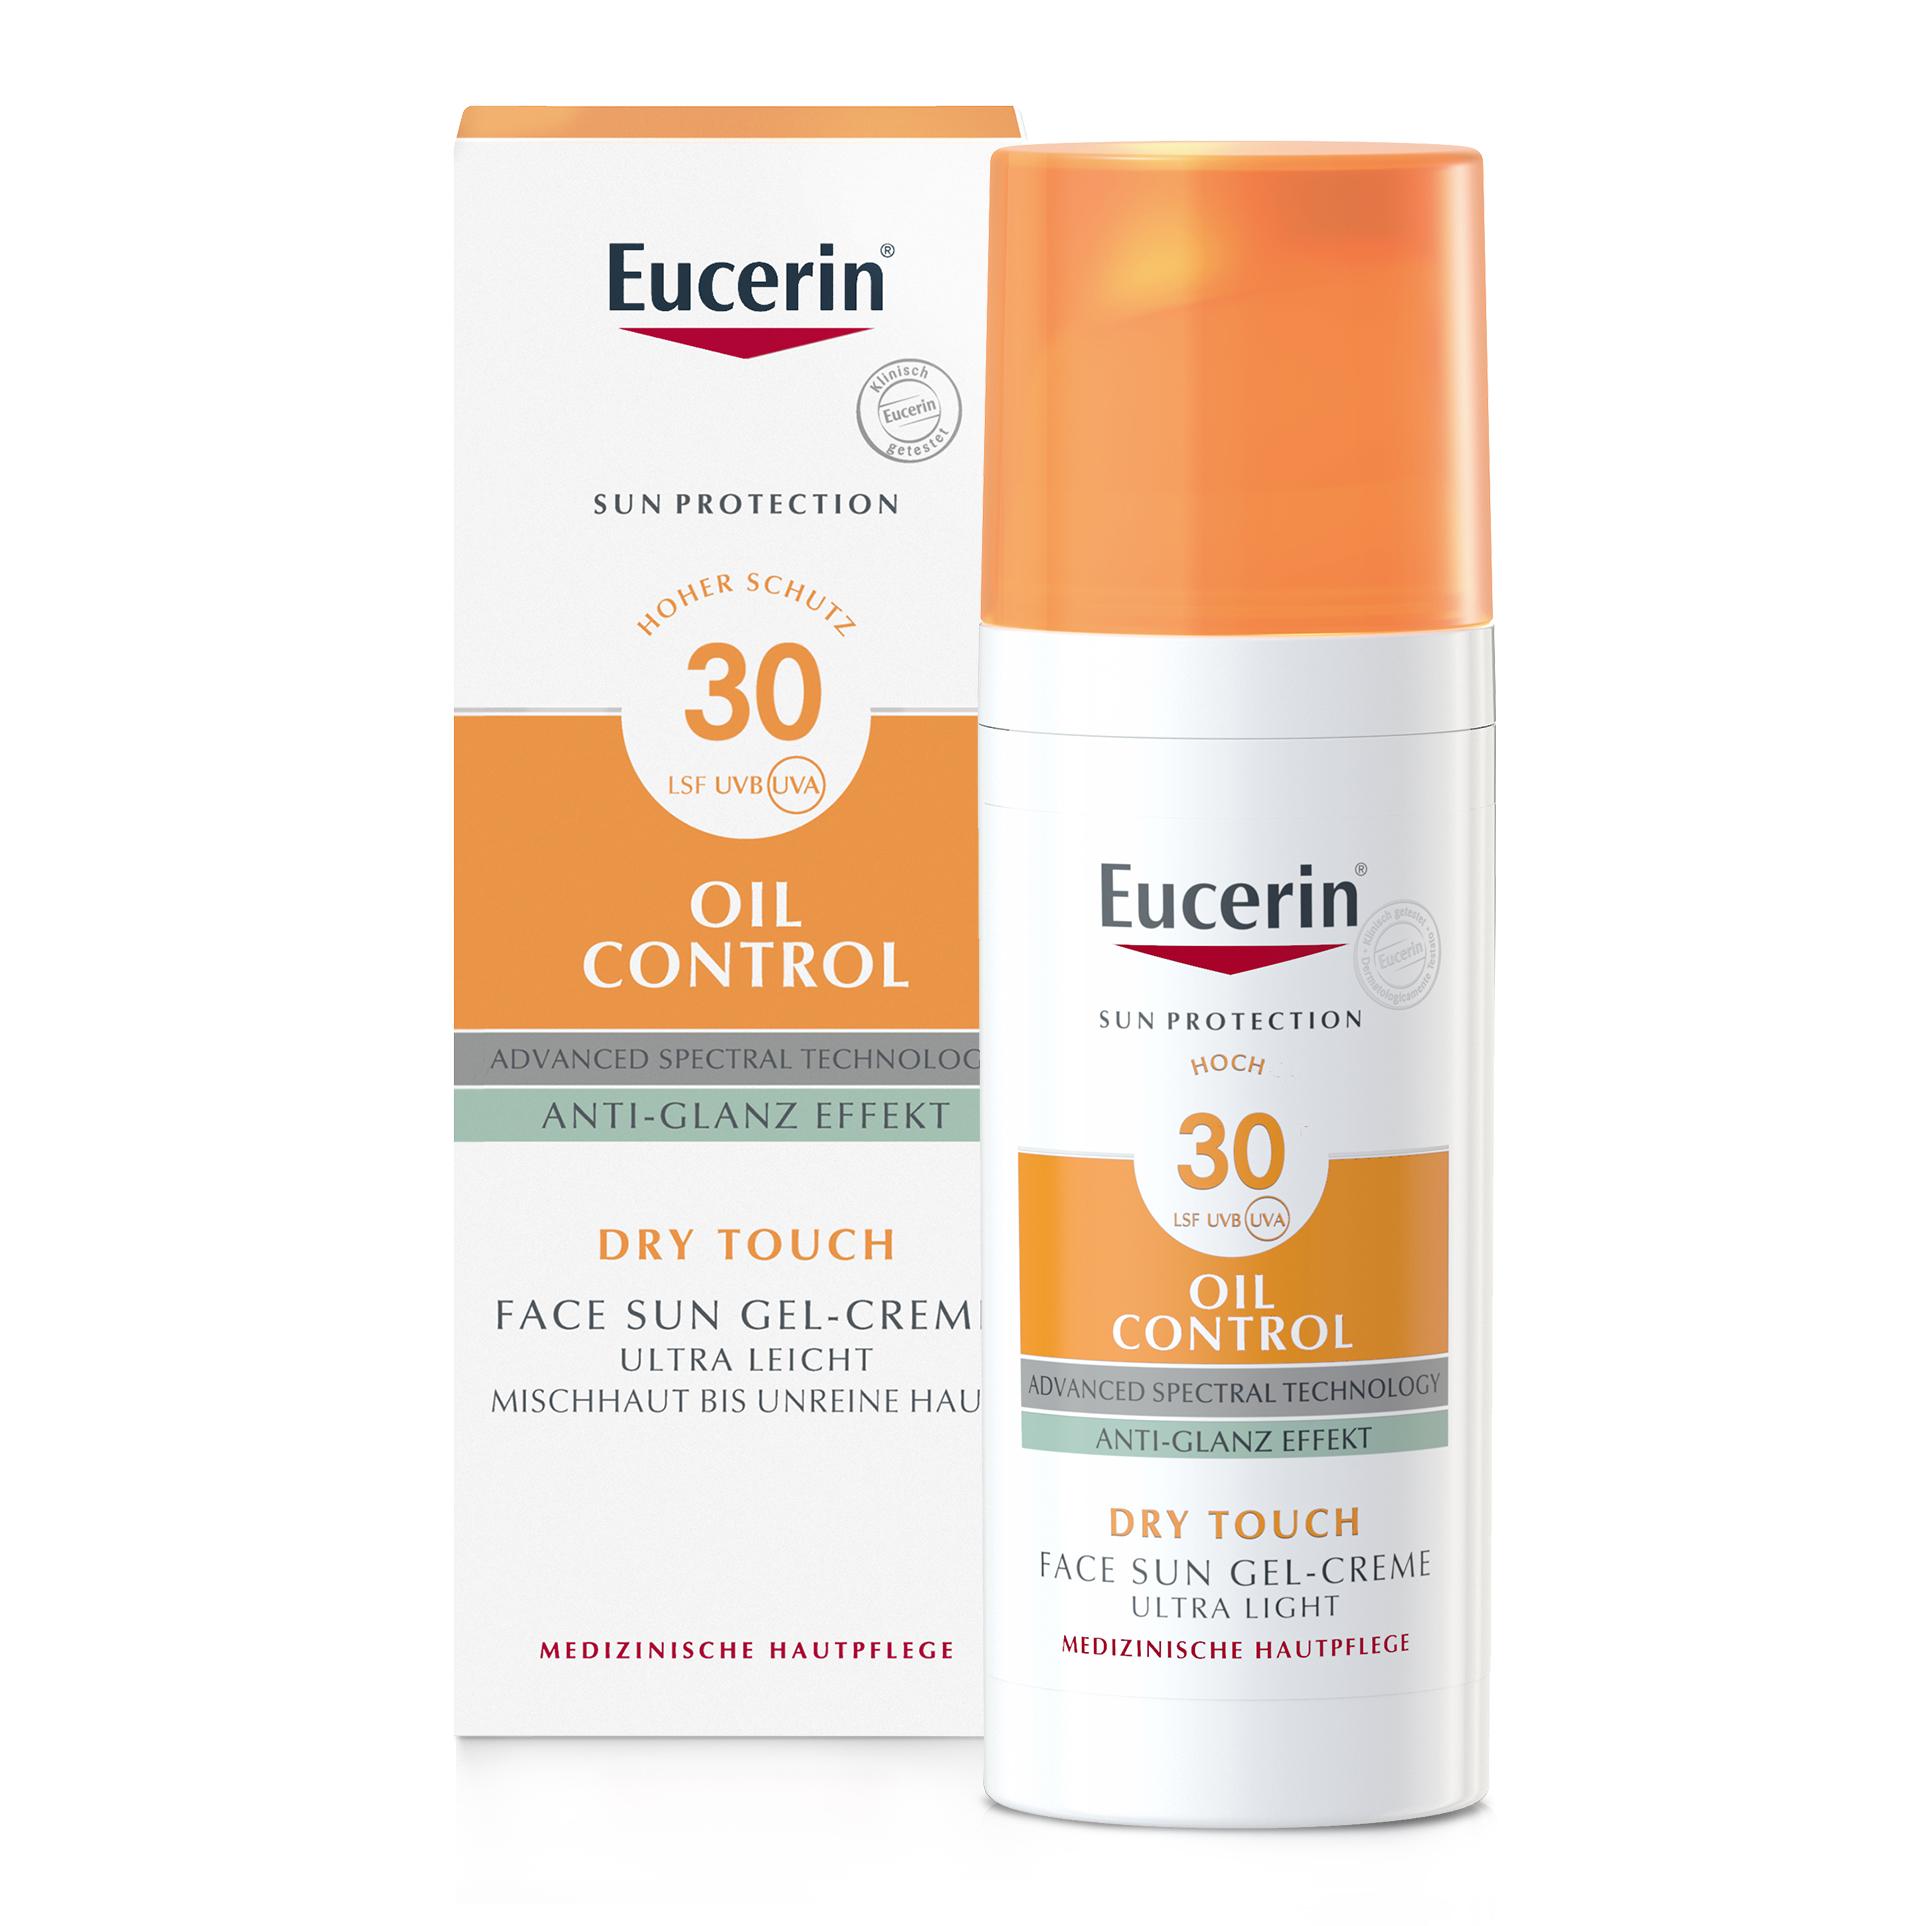 Eucerin® Oil Control Face Sun Gel-Creme LSF 30